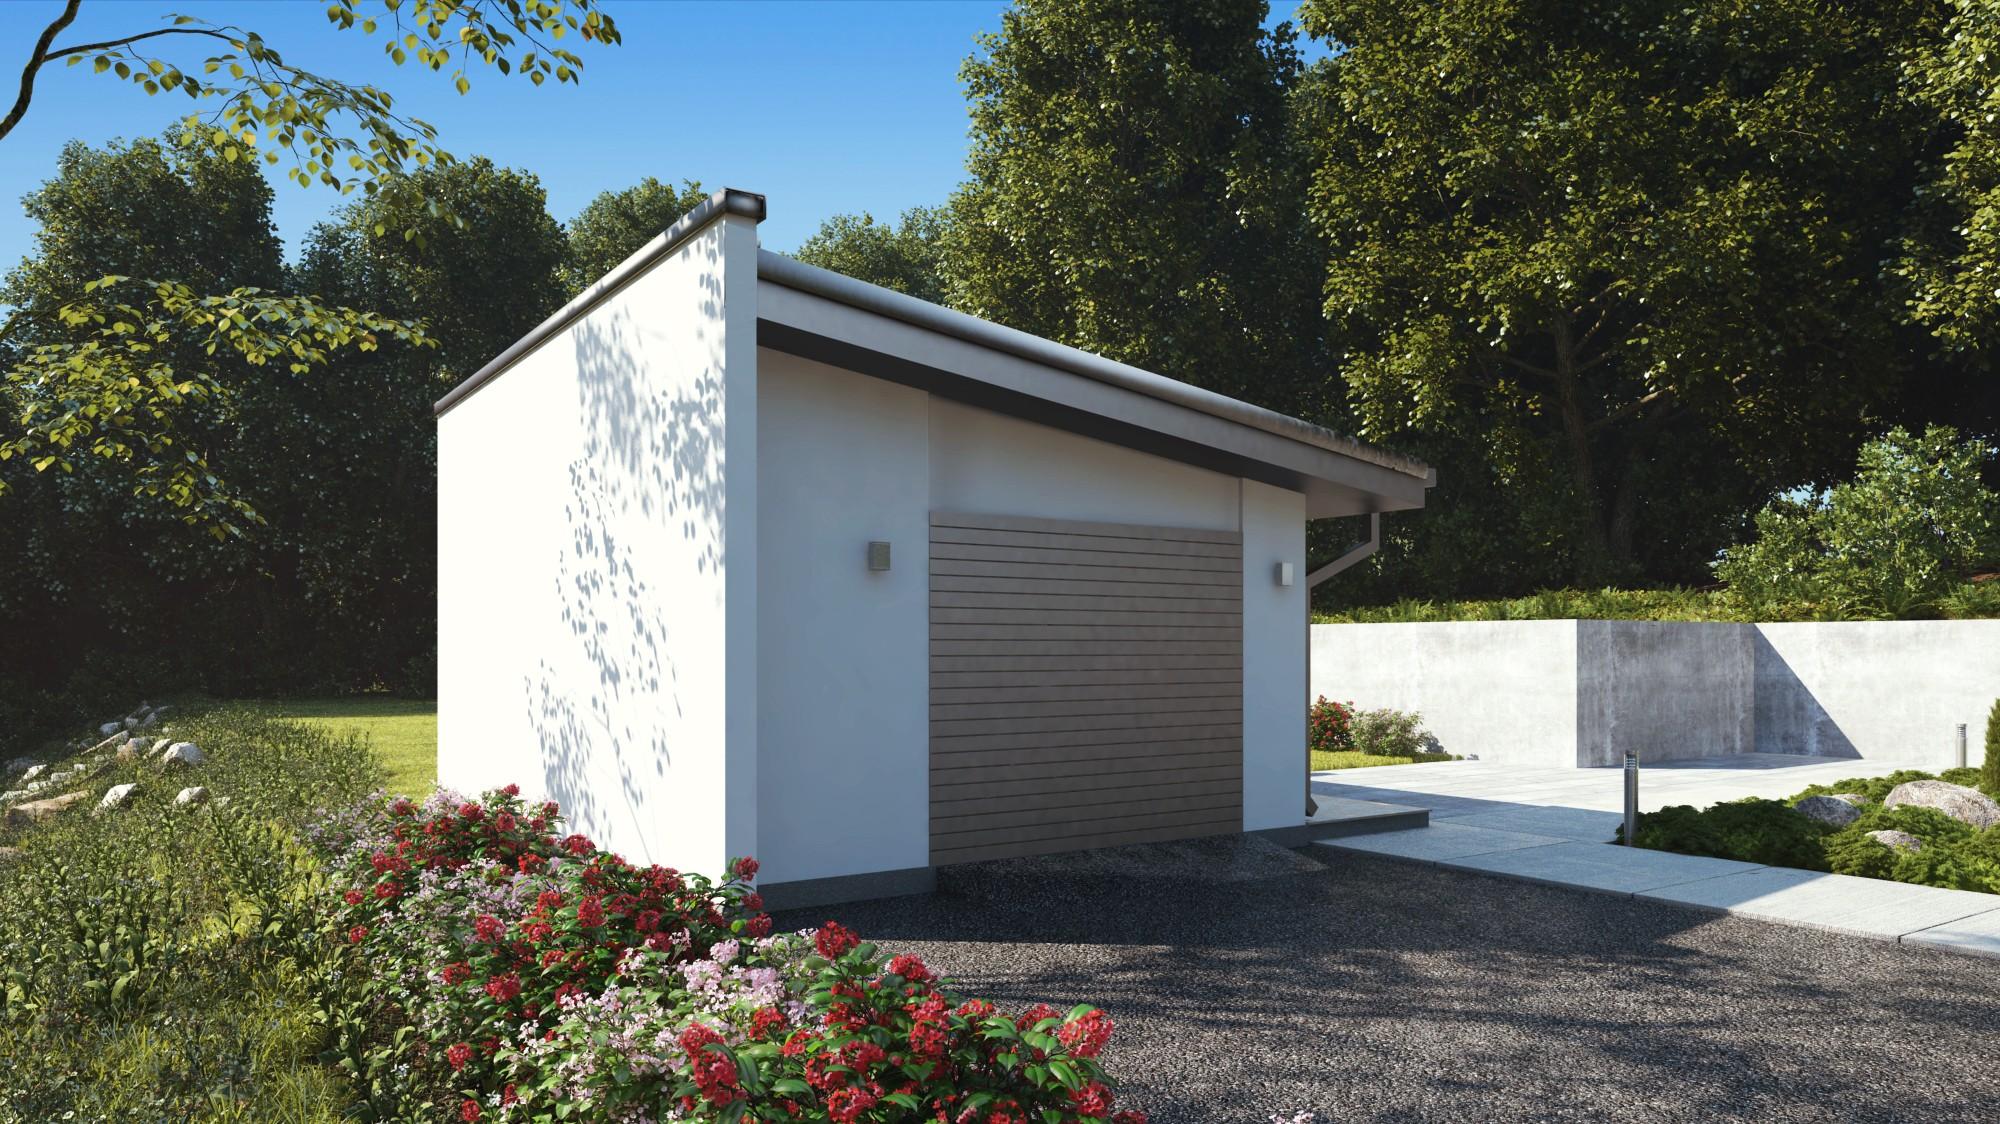 budowa domu uAG4 - New-House